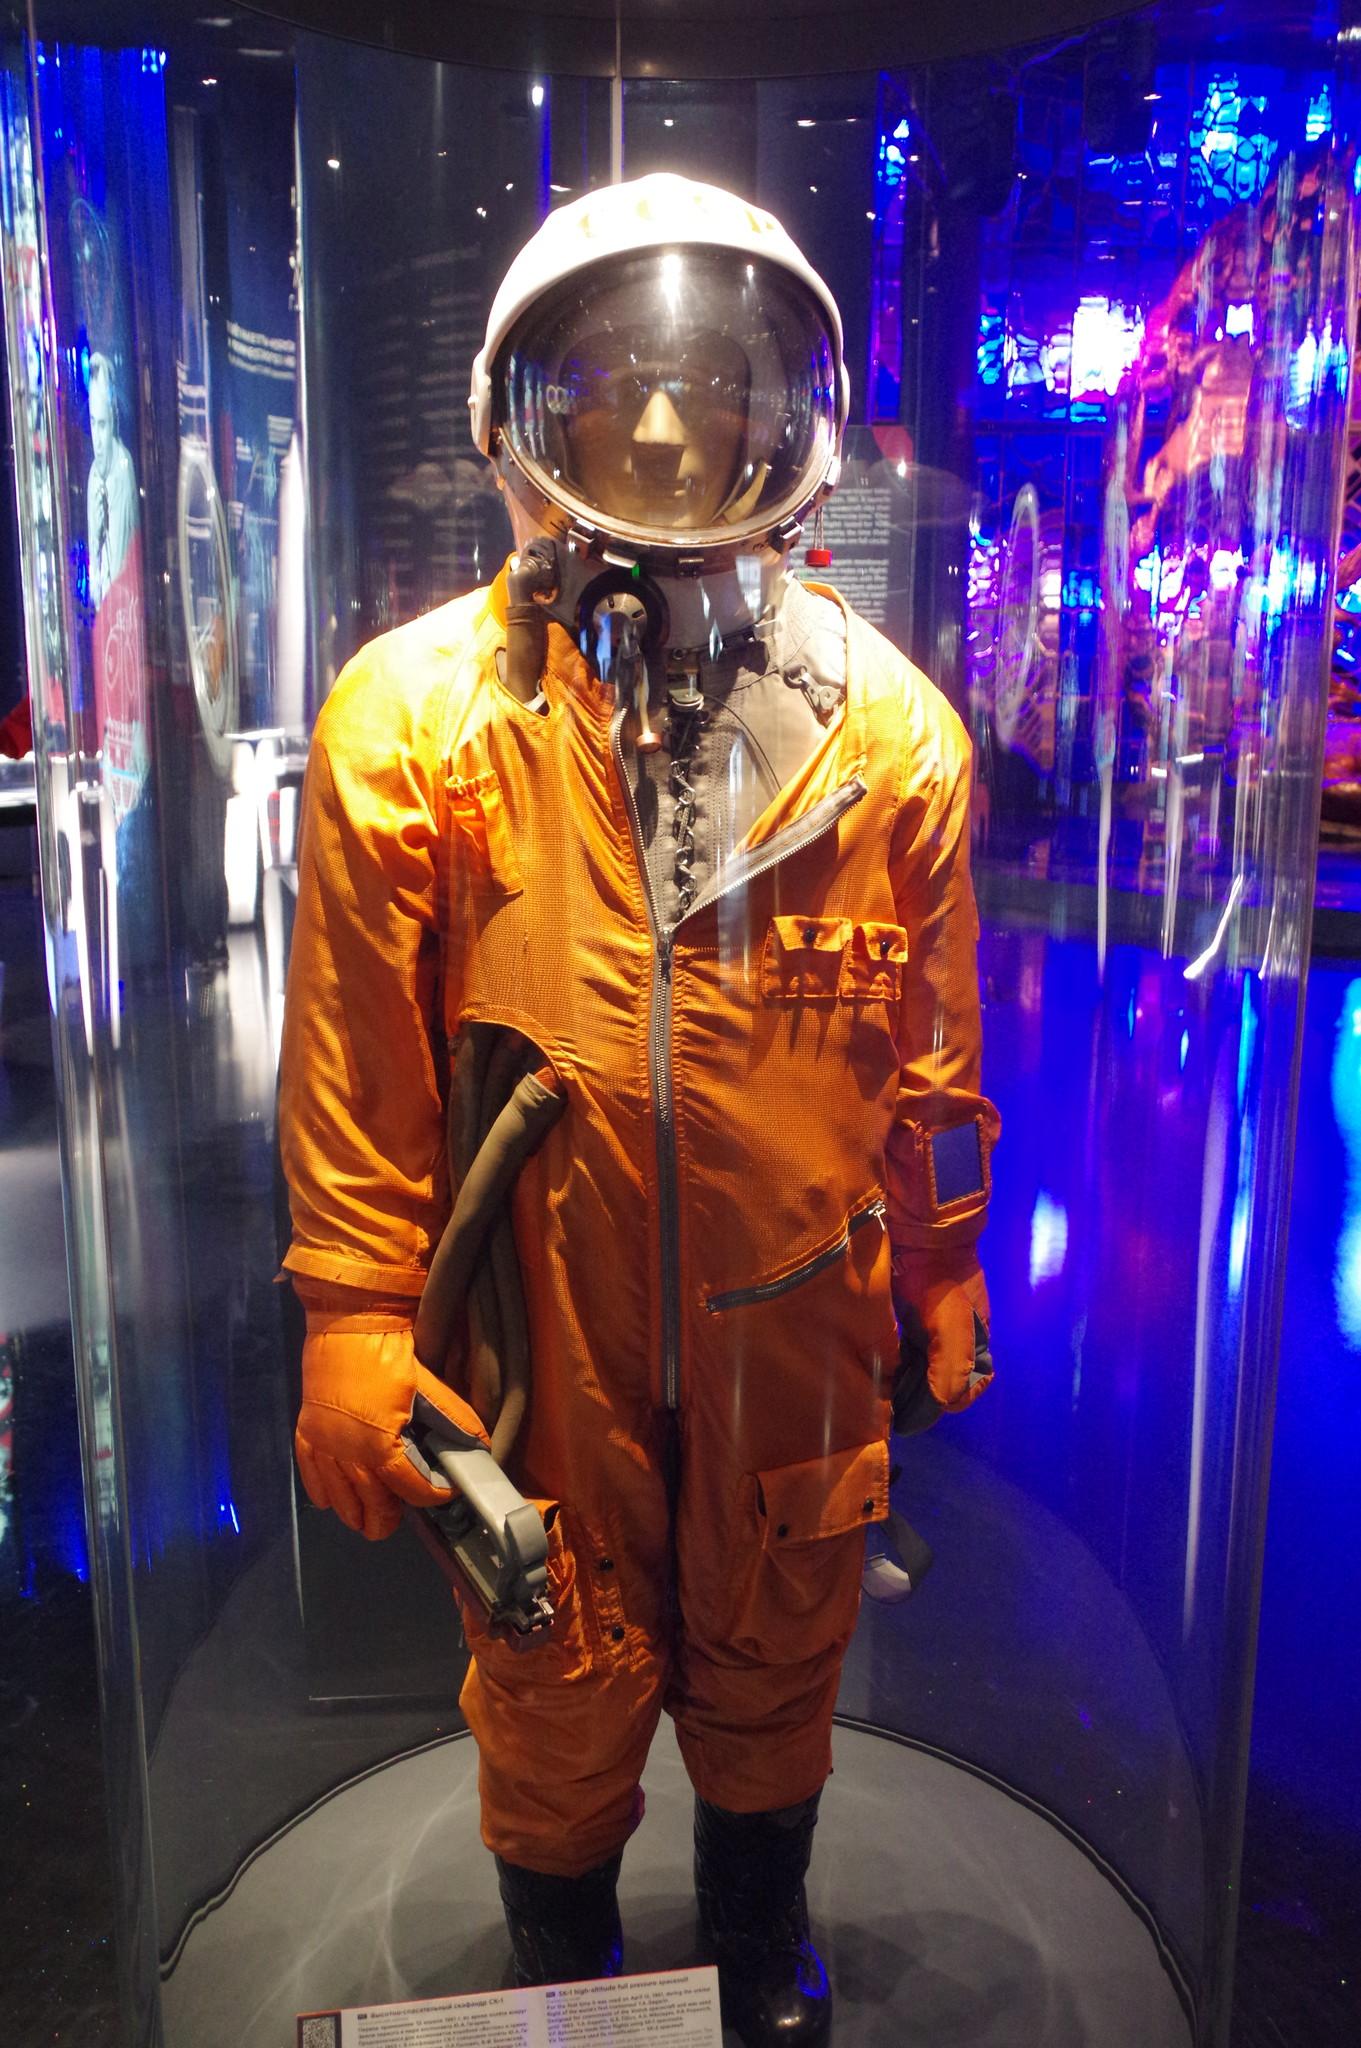 Высотно-спасательный скафандр СК-1. Мемориальный музей космонавтики (Проспект мира, дом 111)